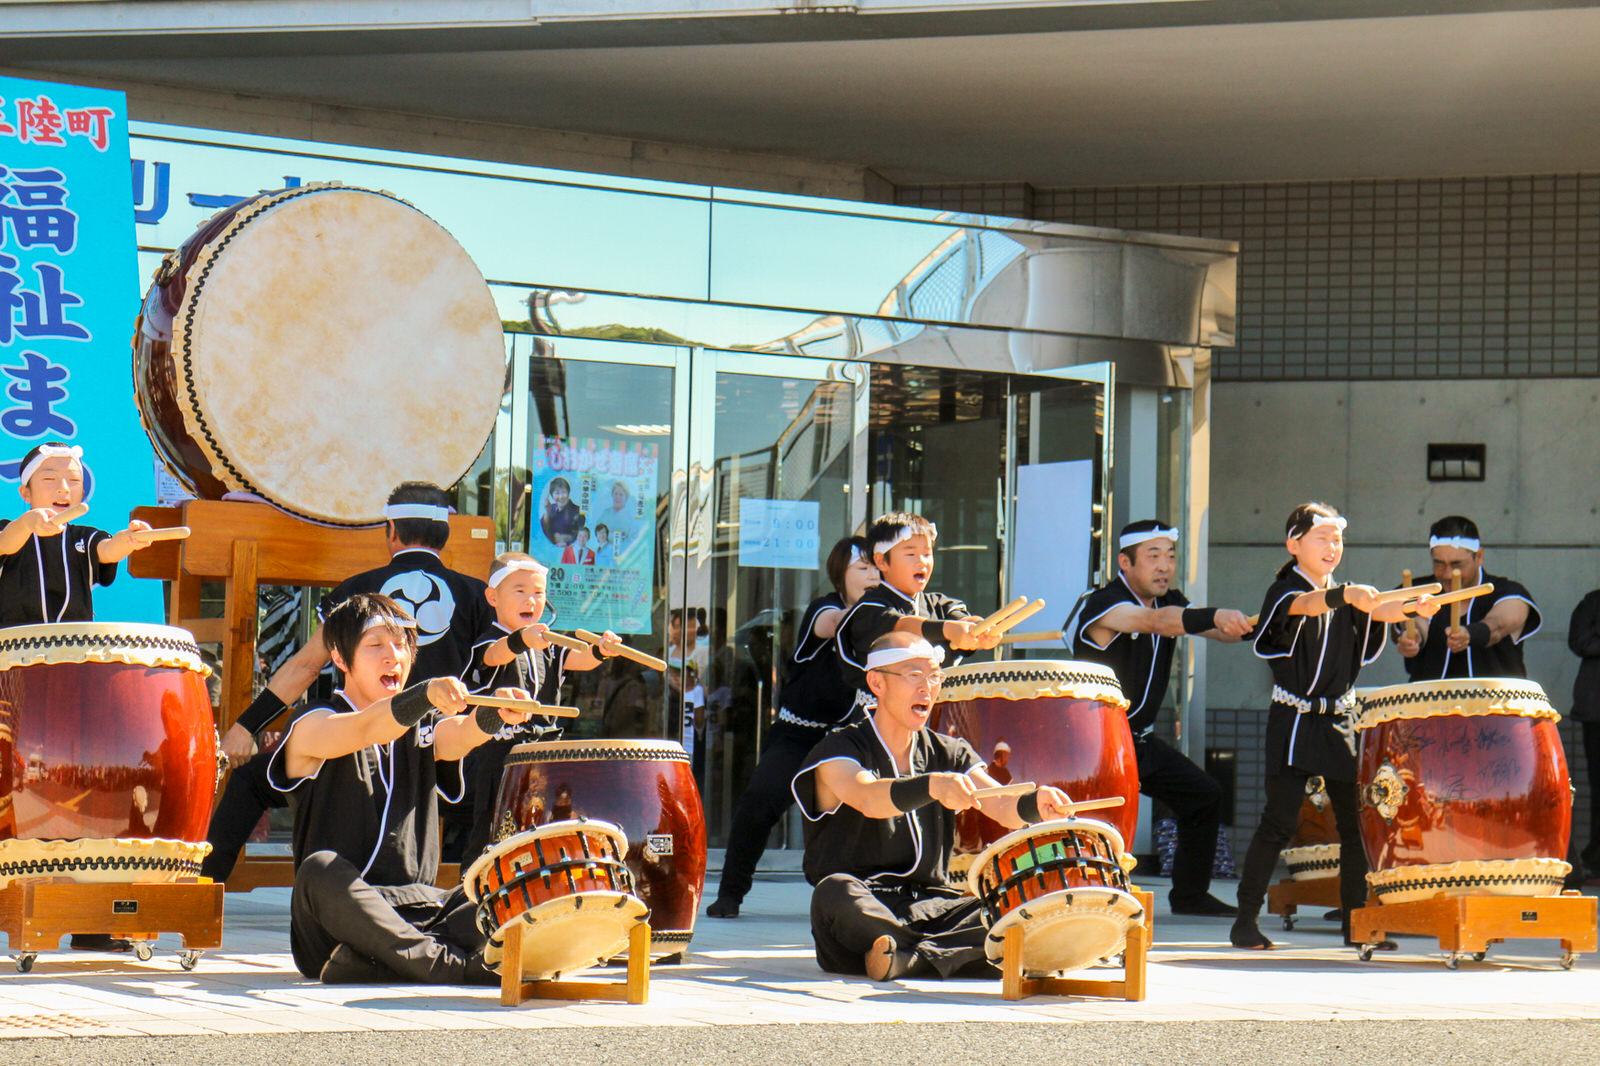 今年度も地元・大森創作太鼓で幕開け!晴天に、迫力ある音が抜けていく